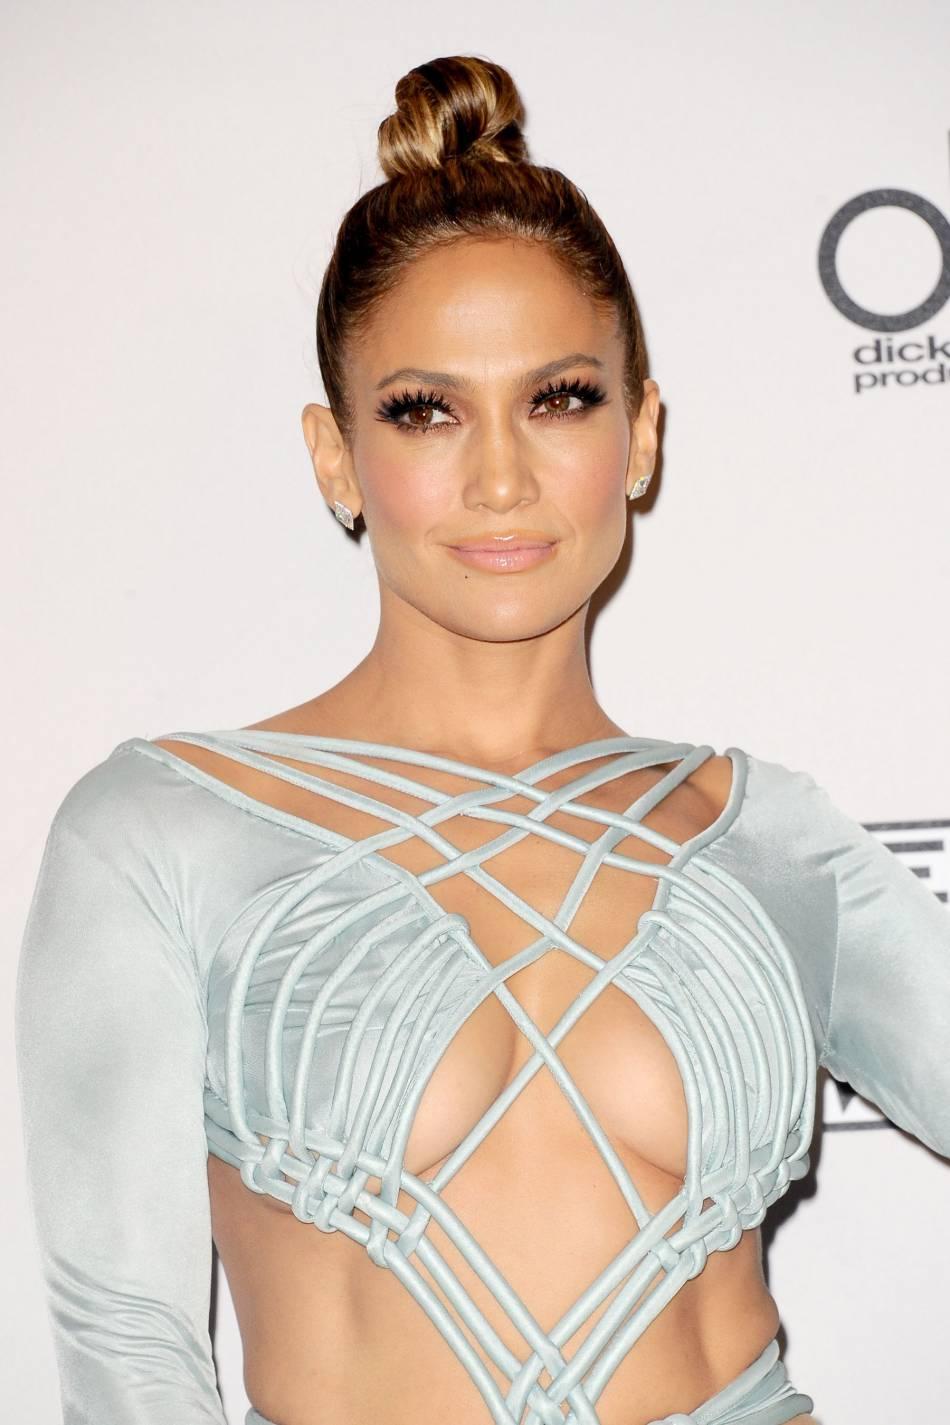 Jennifer Lopez très hot aux American Music Awards 2015 le 22 novembre 2015 à Los Angeles.